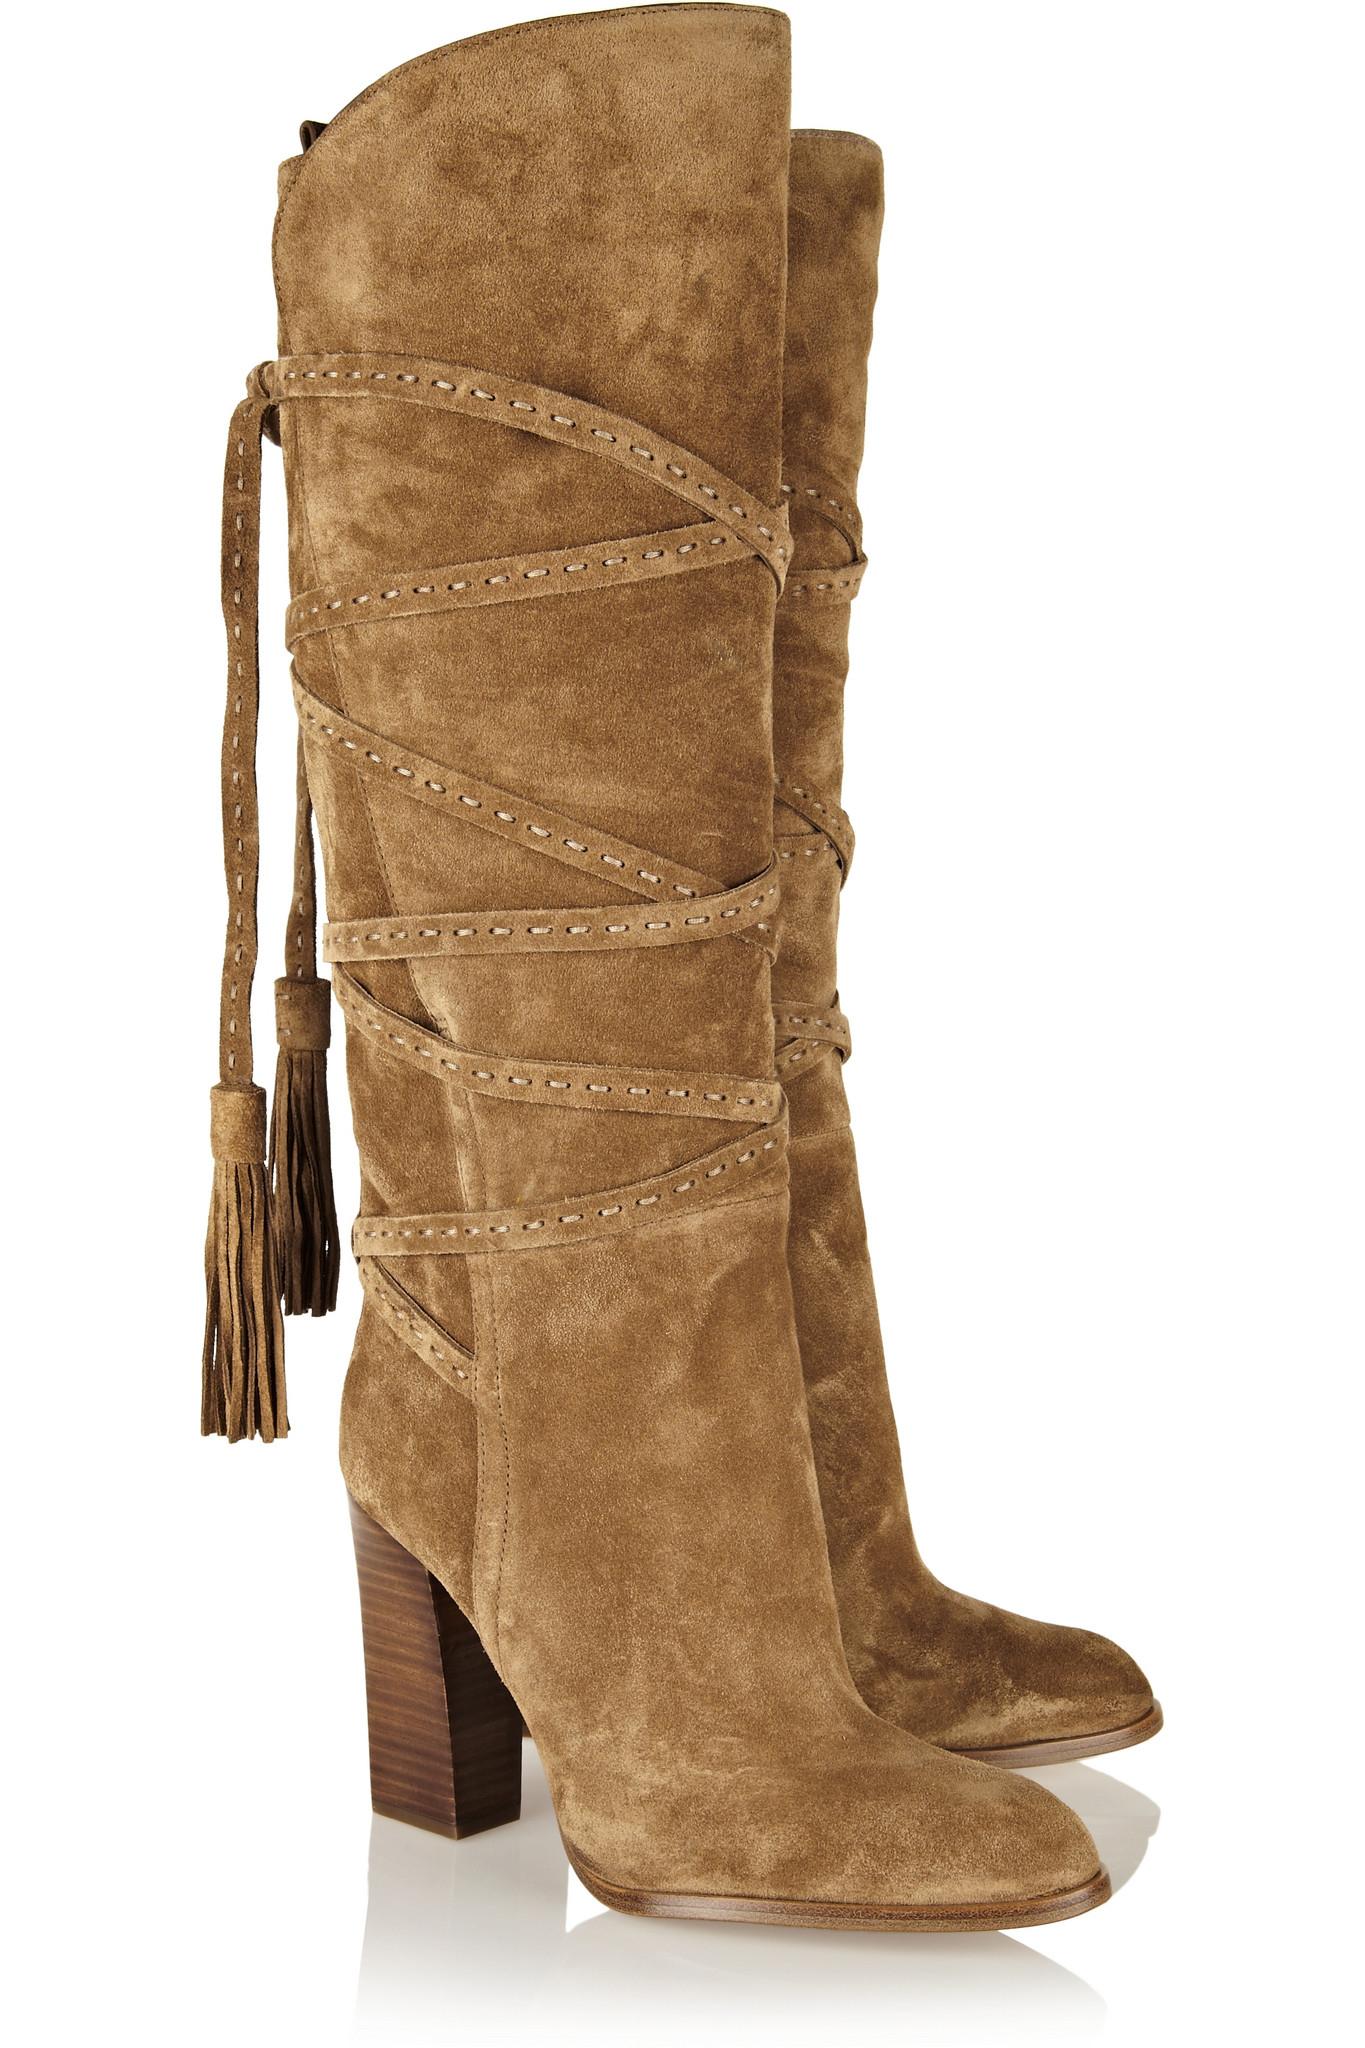 michael kors jessa suede knee boots in beige sand lyst